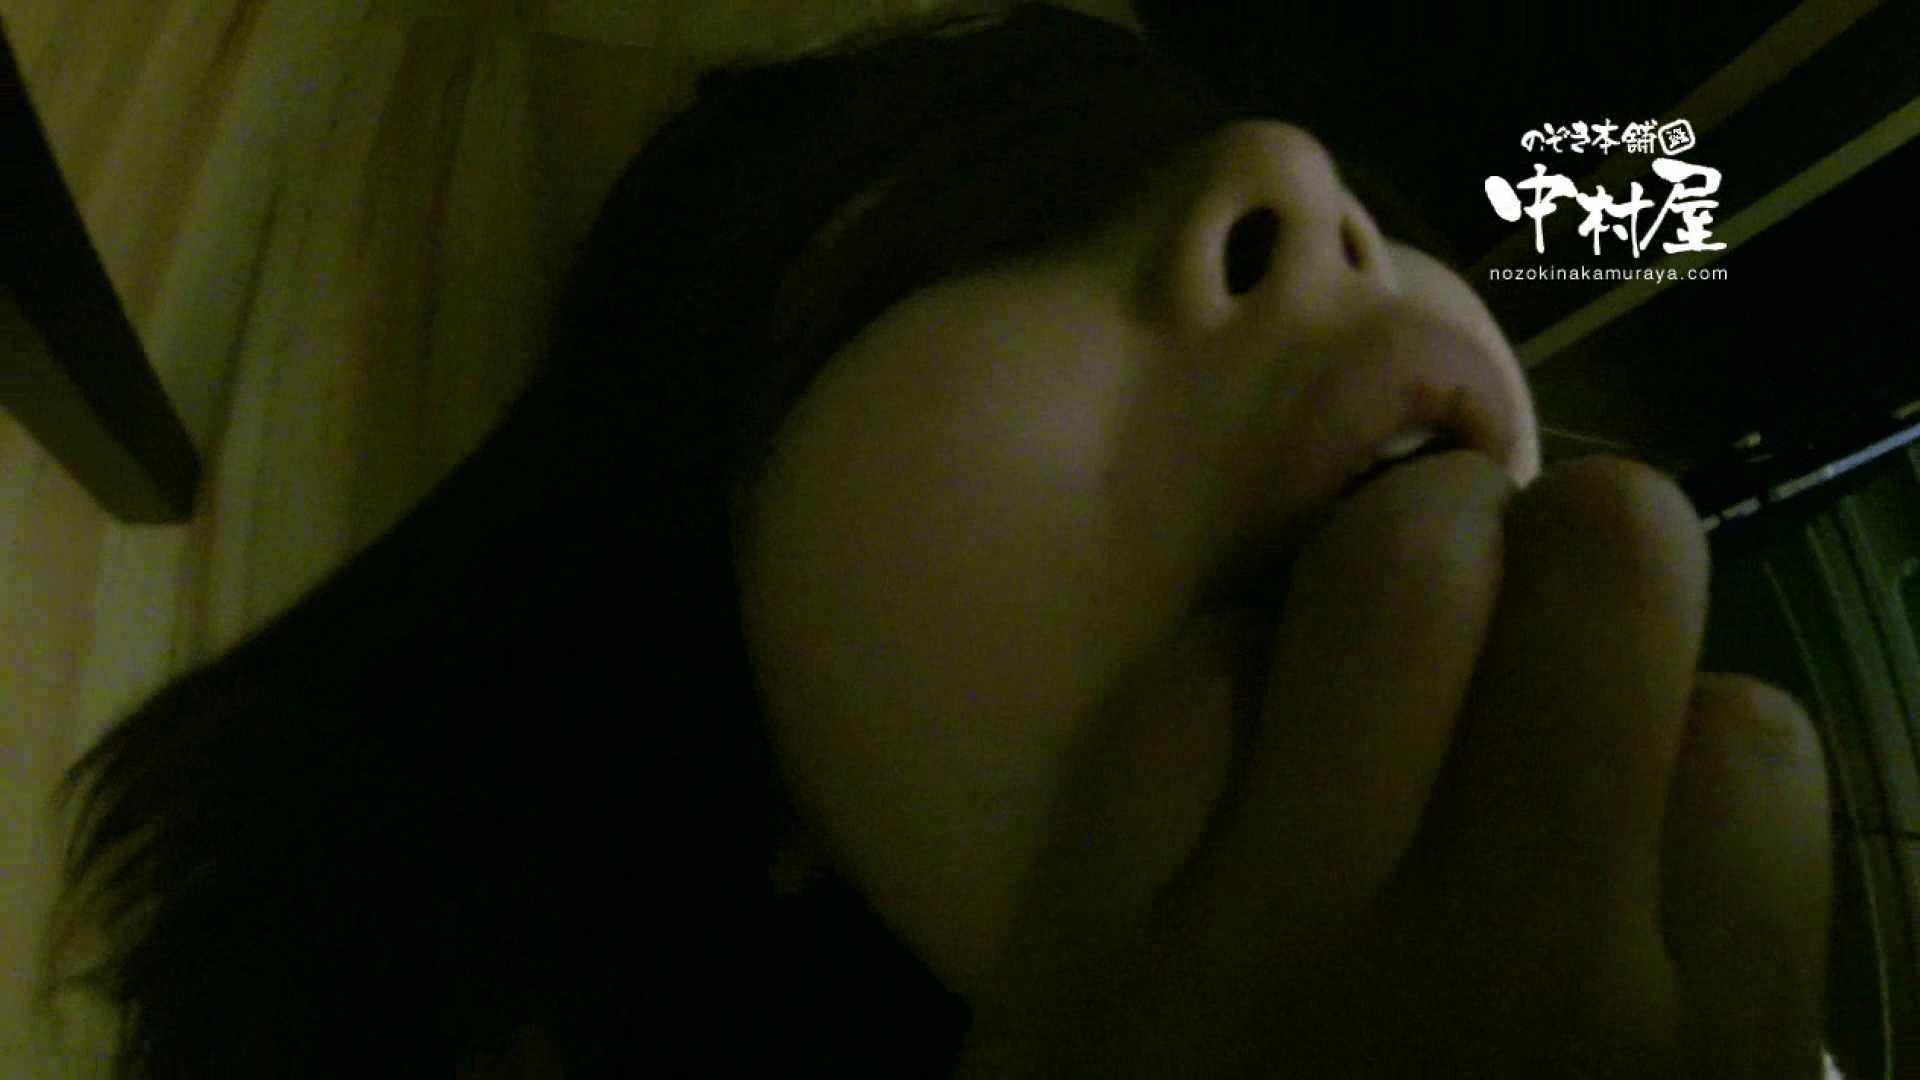 鬼畜 vol.17 中に出さないでください(アニメ声で懇願) 後編 OLエロ画像  96PICs 80